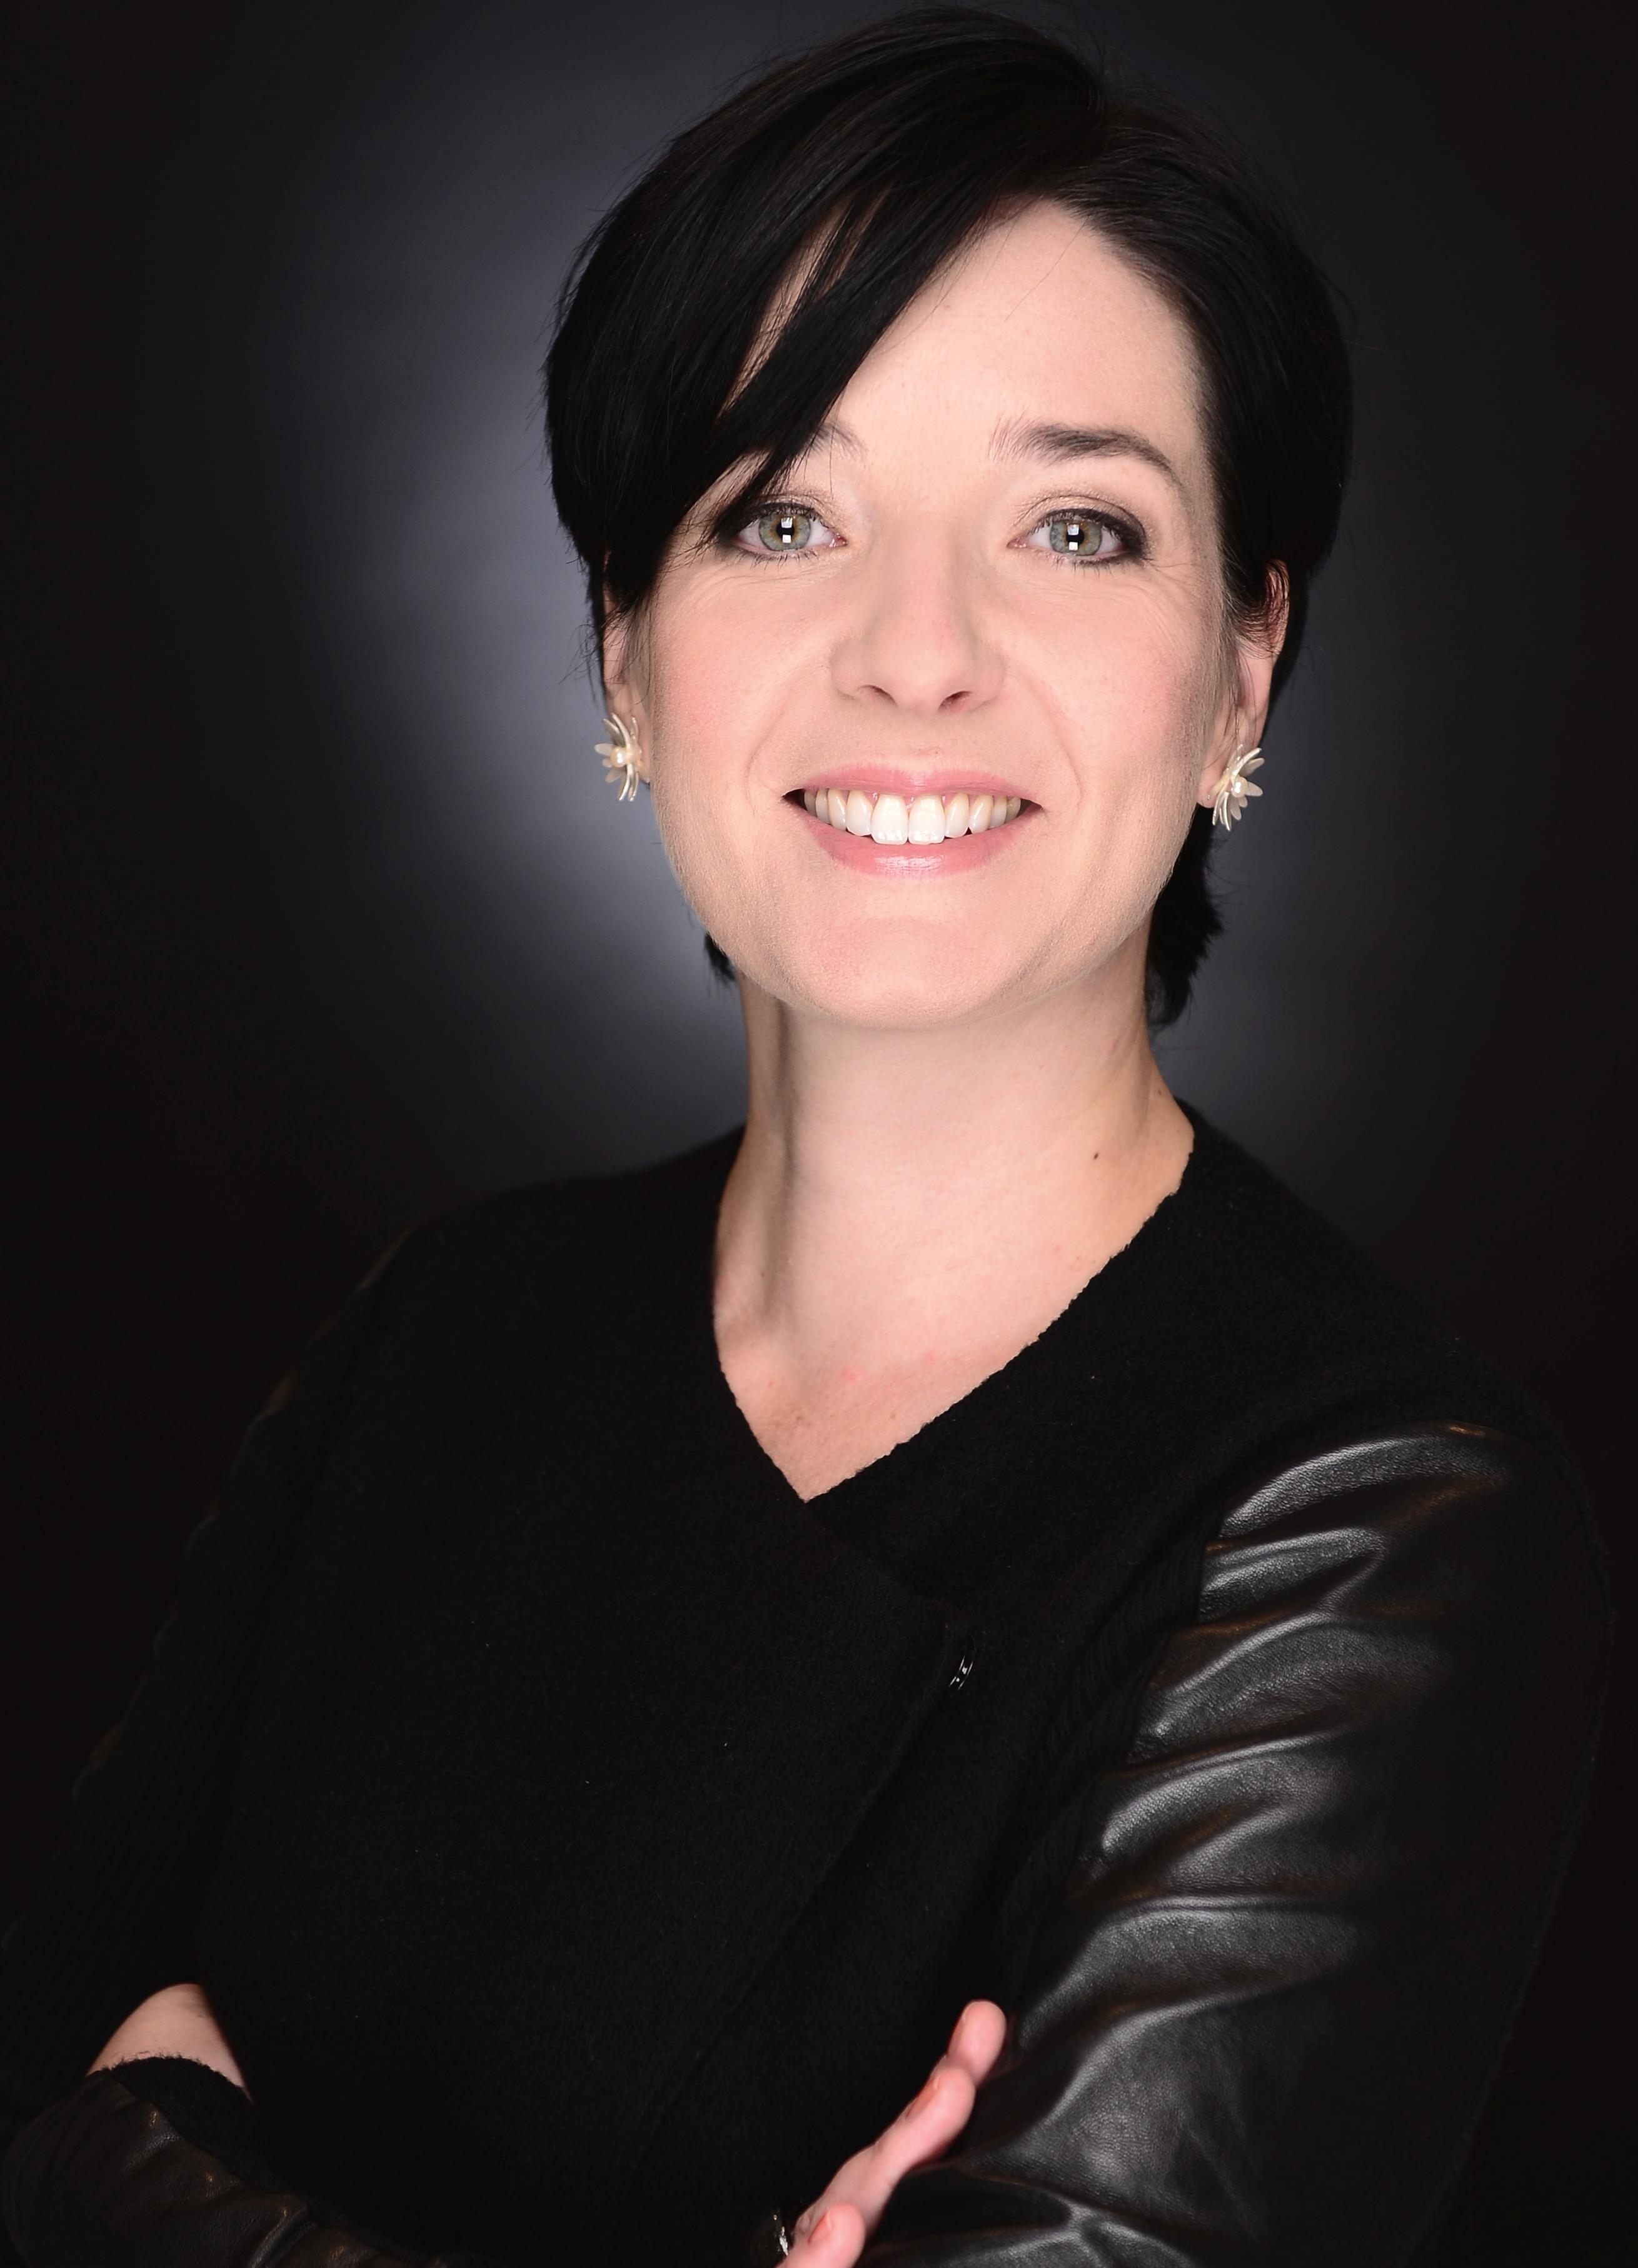 Agnieszka Mese, M.A.